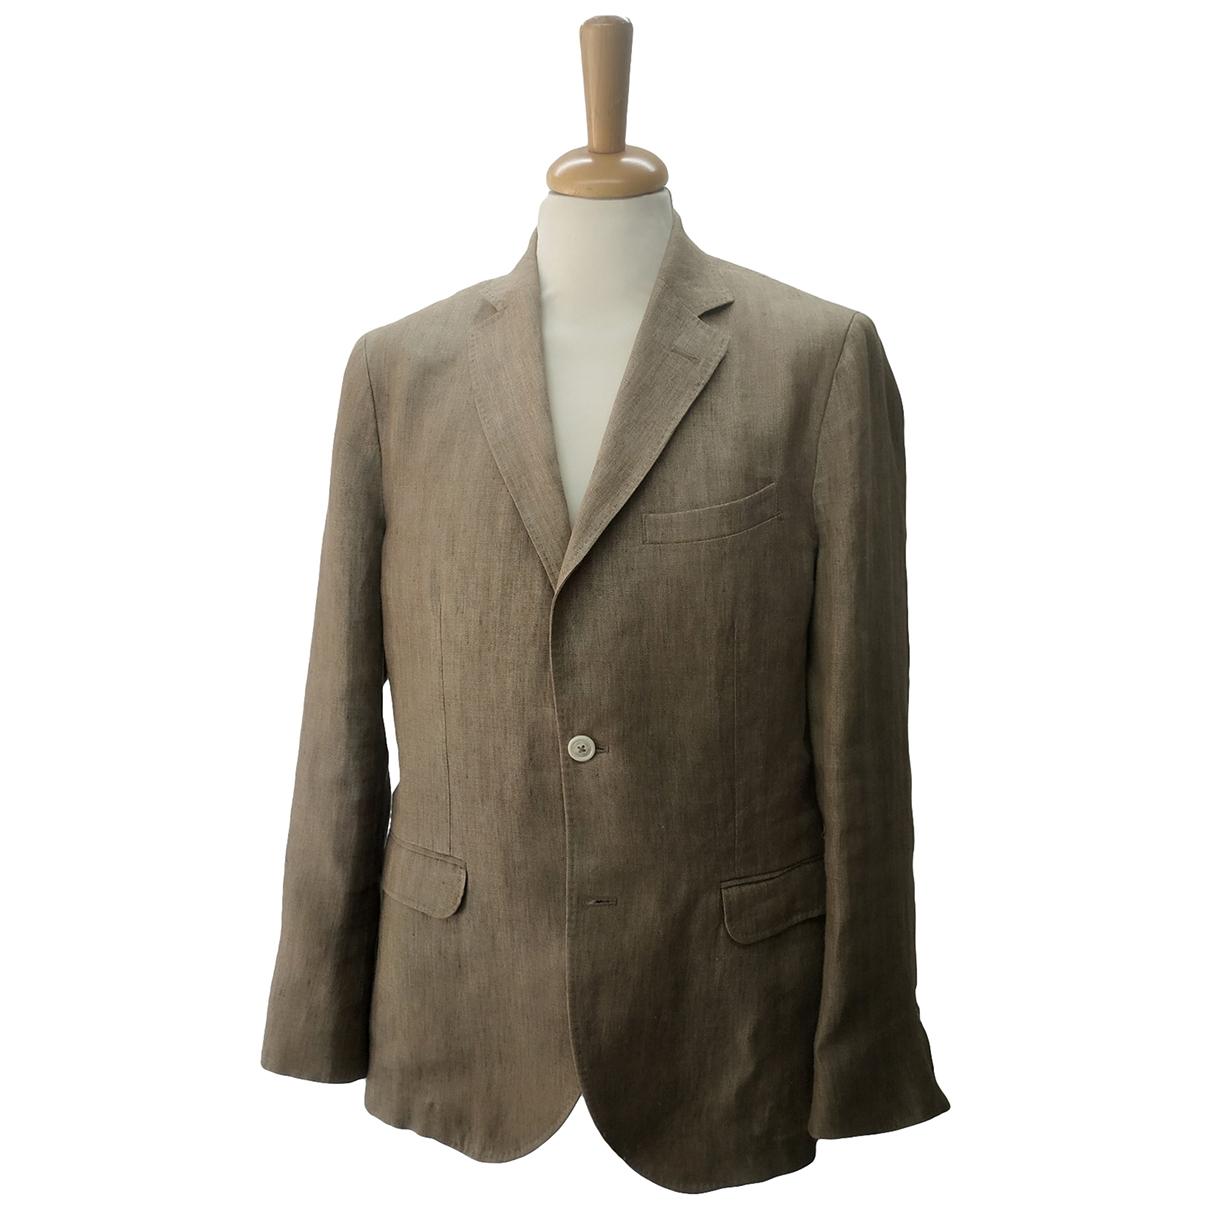 Massimo Dutti - Vestes.Blousons   pour homme en lin - beige